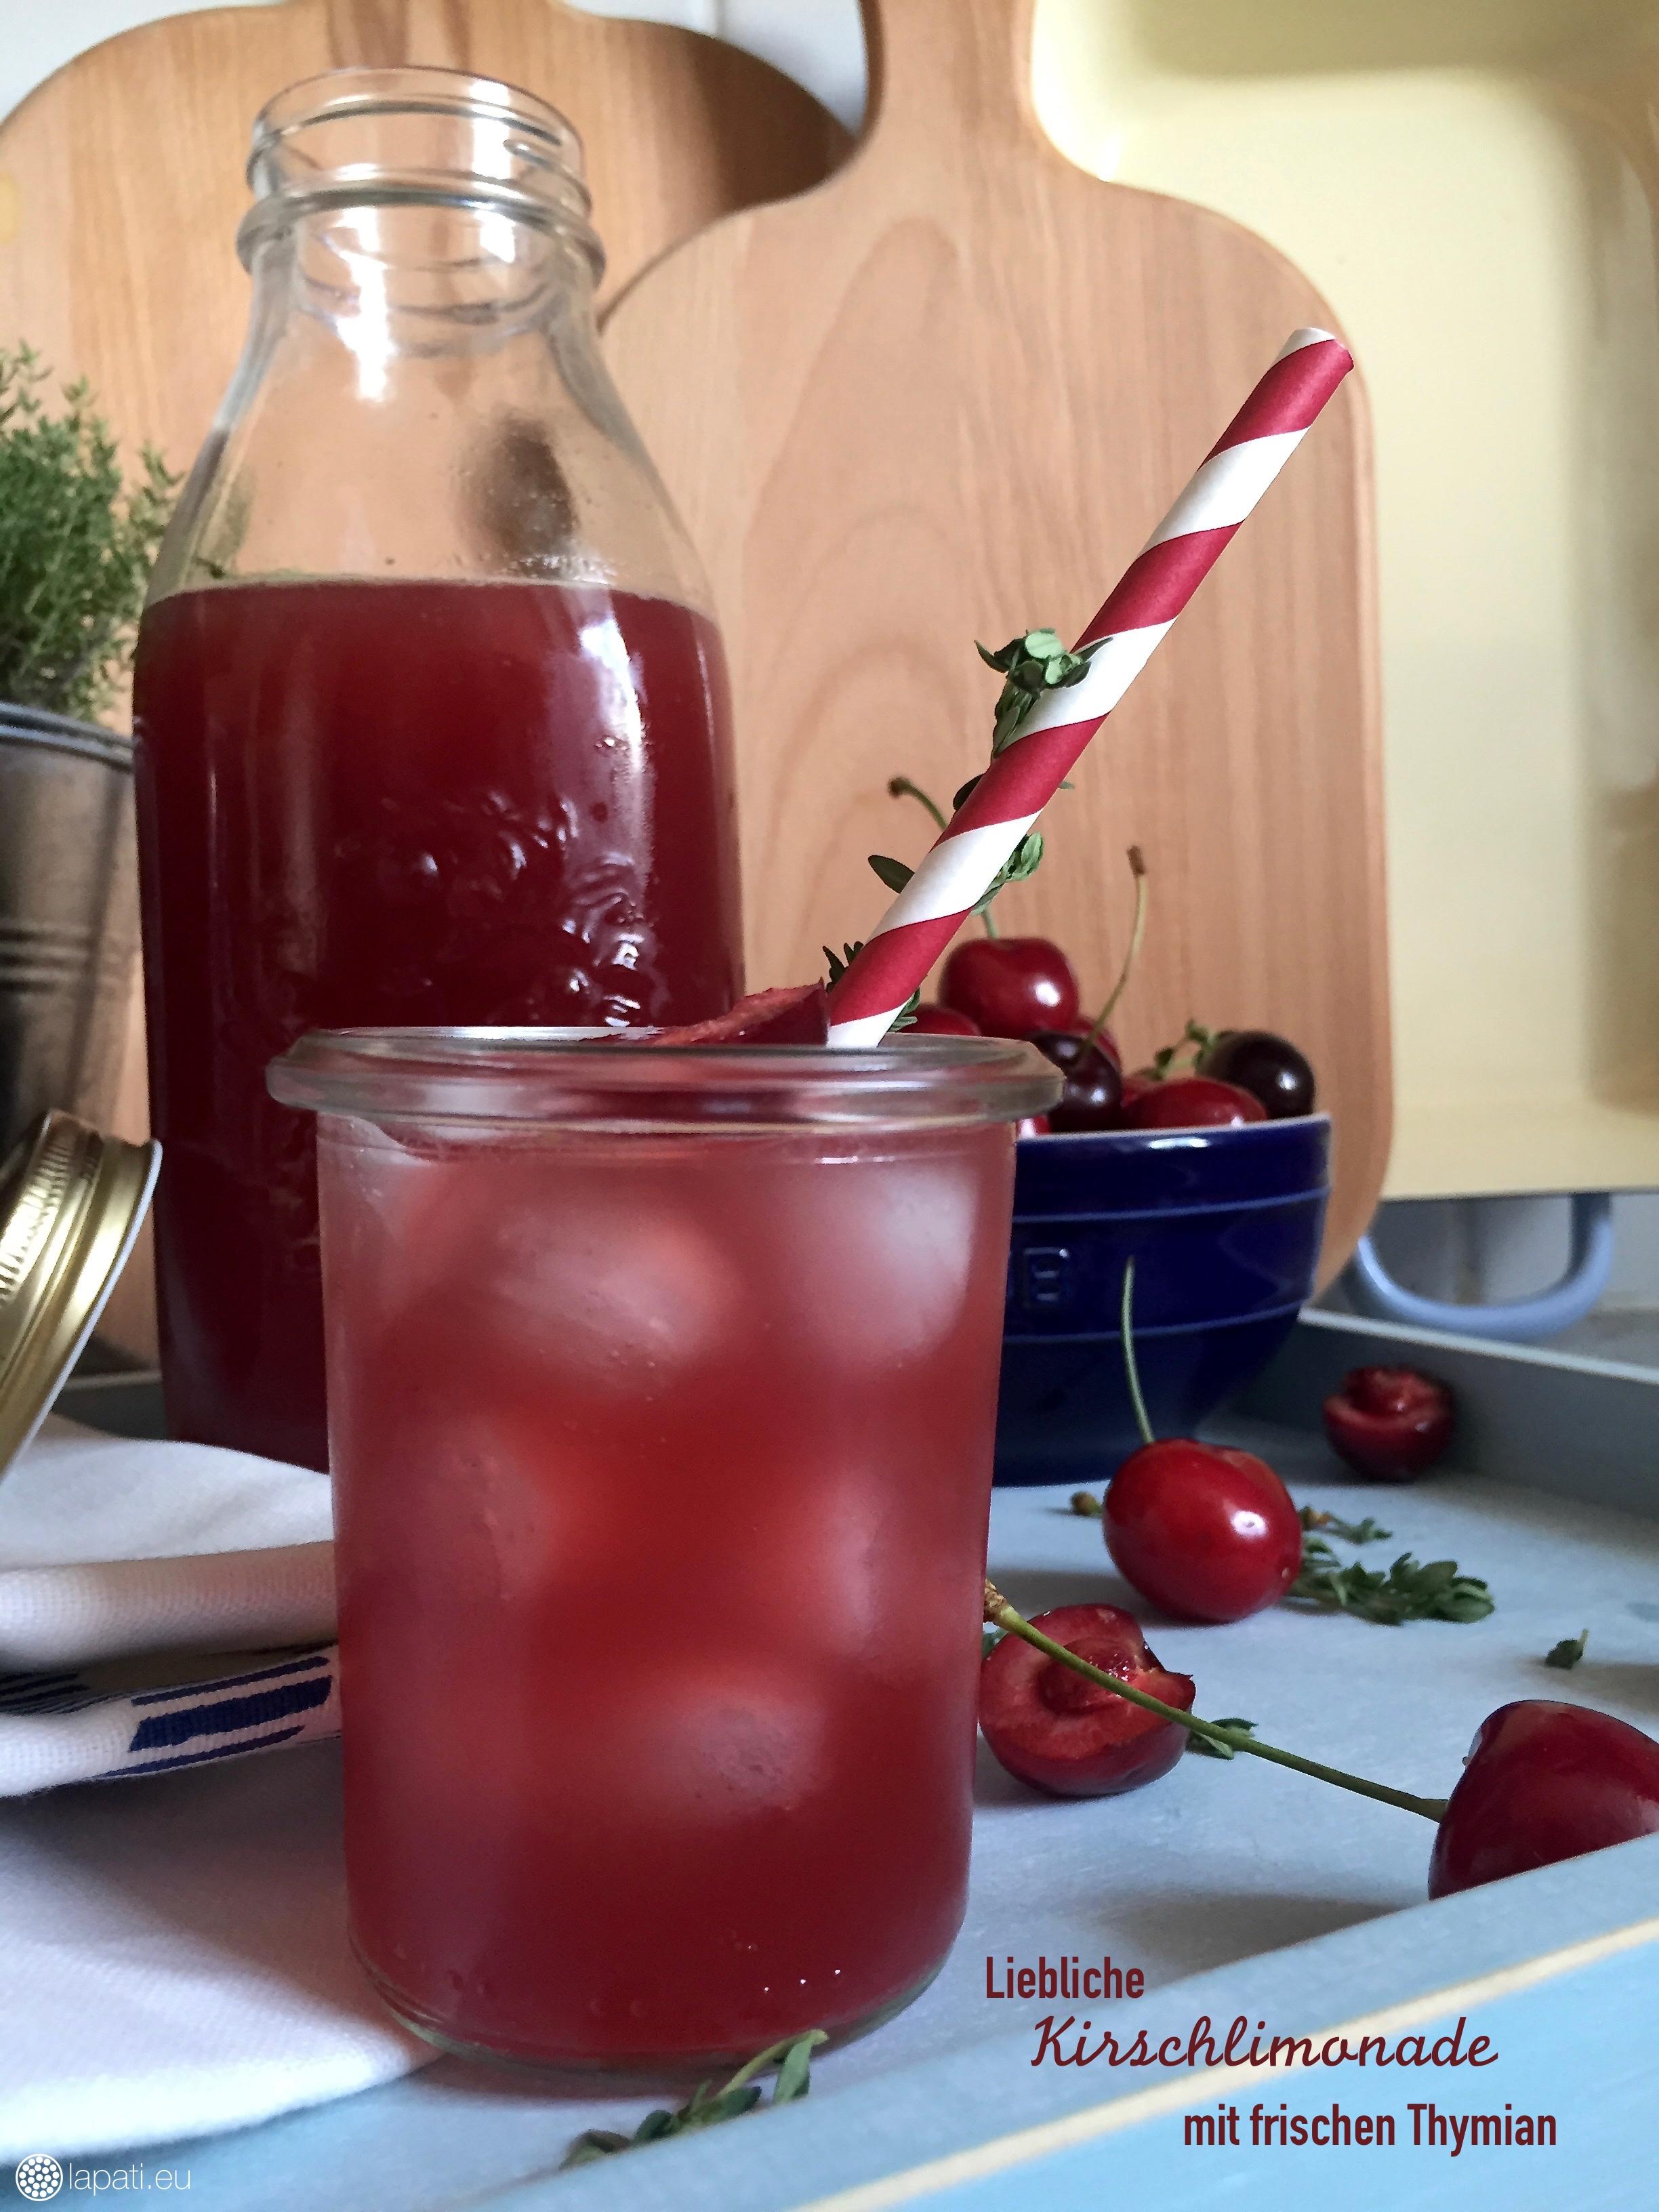 Kleine Abkühlung für heiße Tage. Limo geht immer, heute mit frischer Kirsche und Thymian. Einfach lecker.